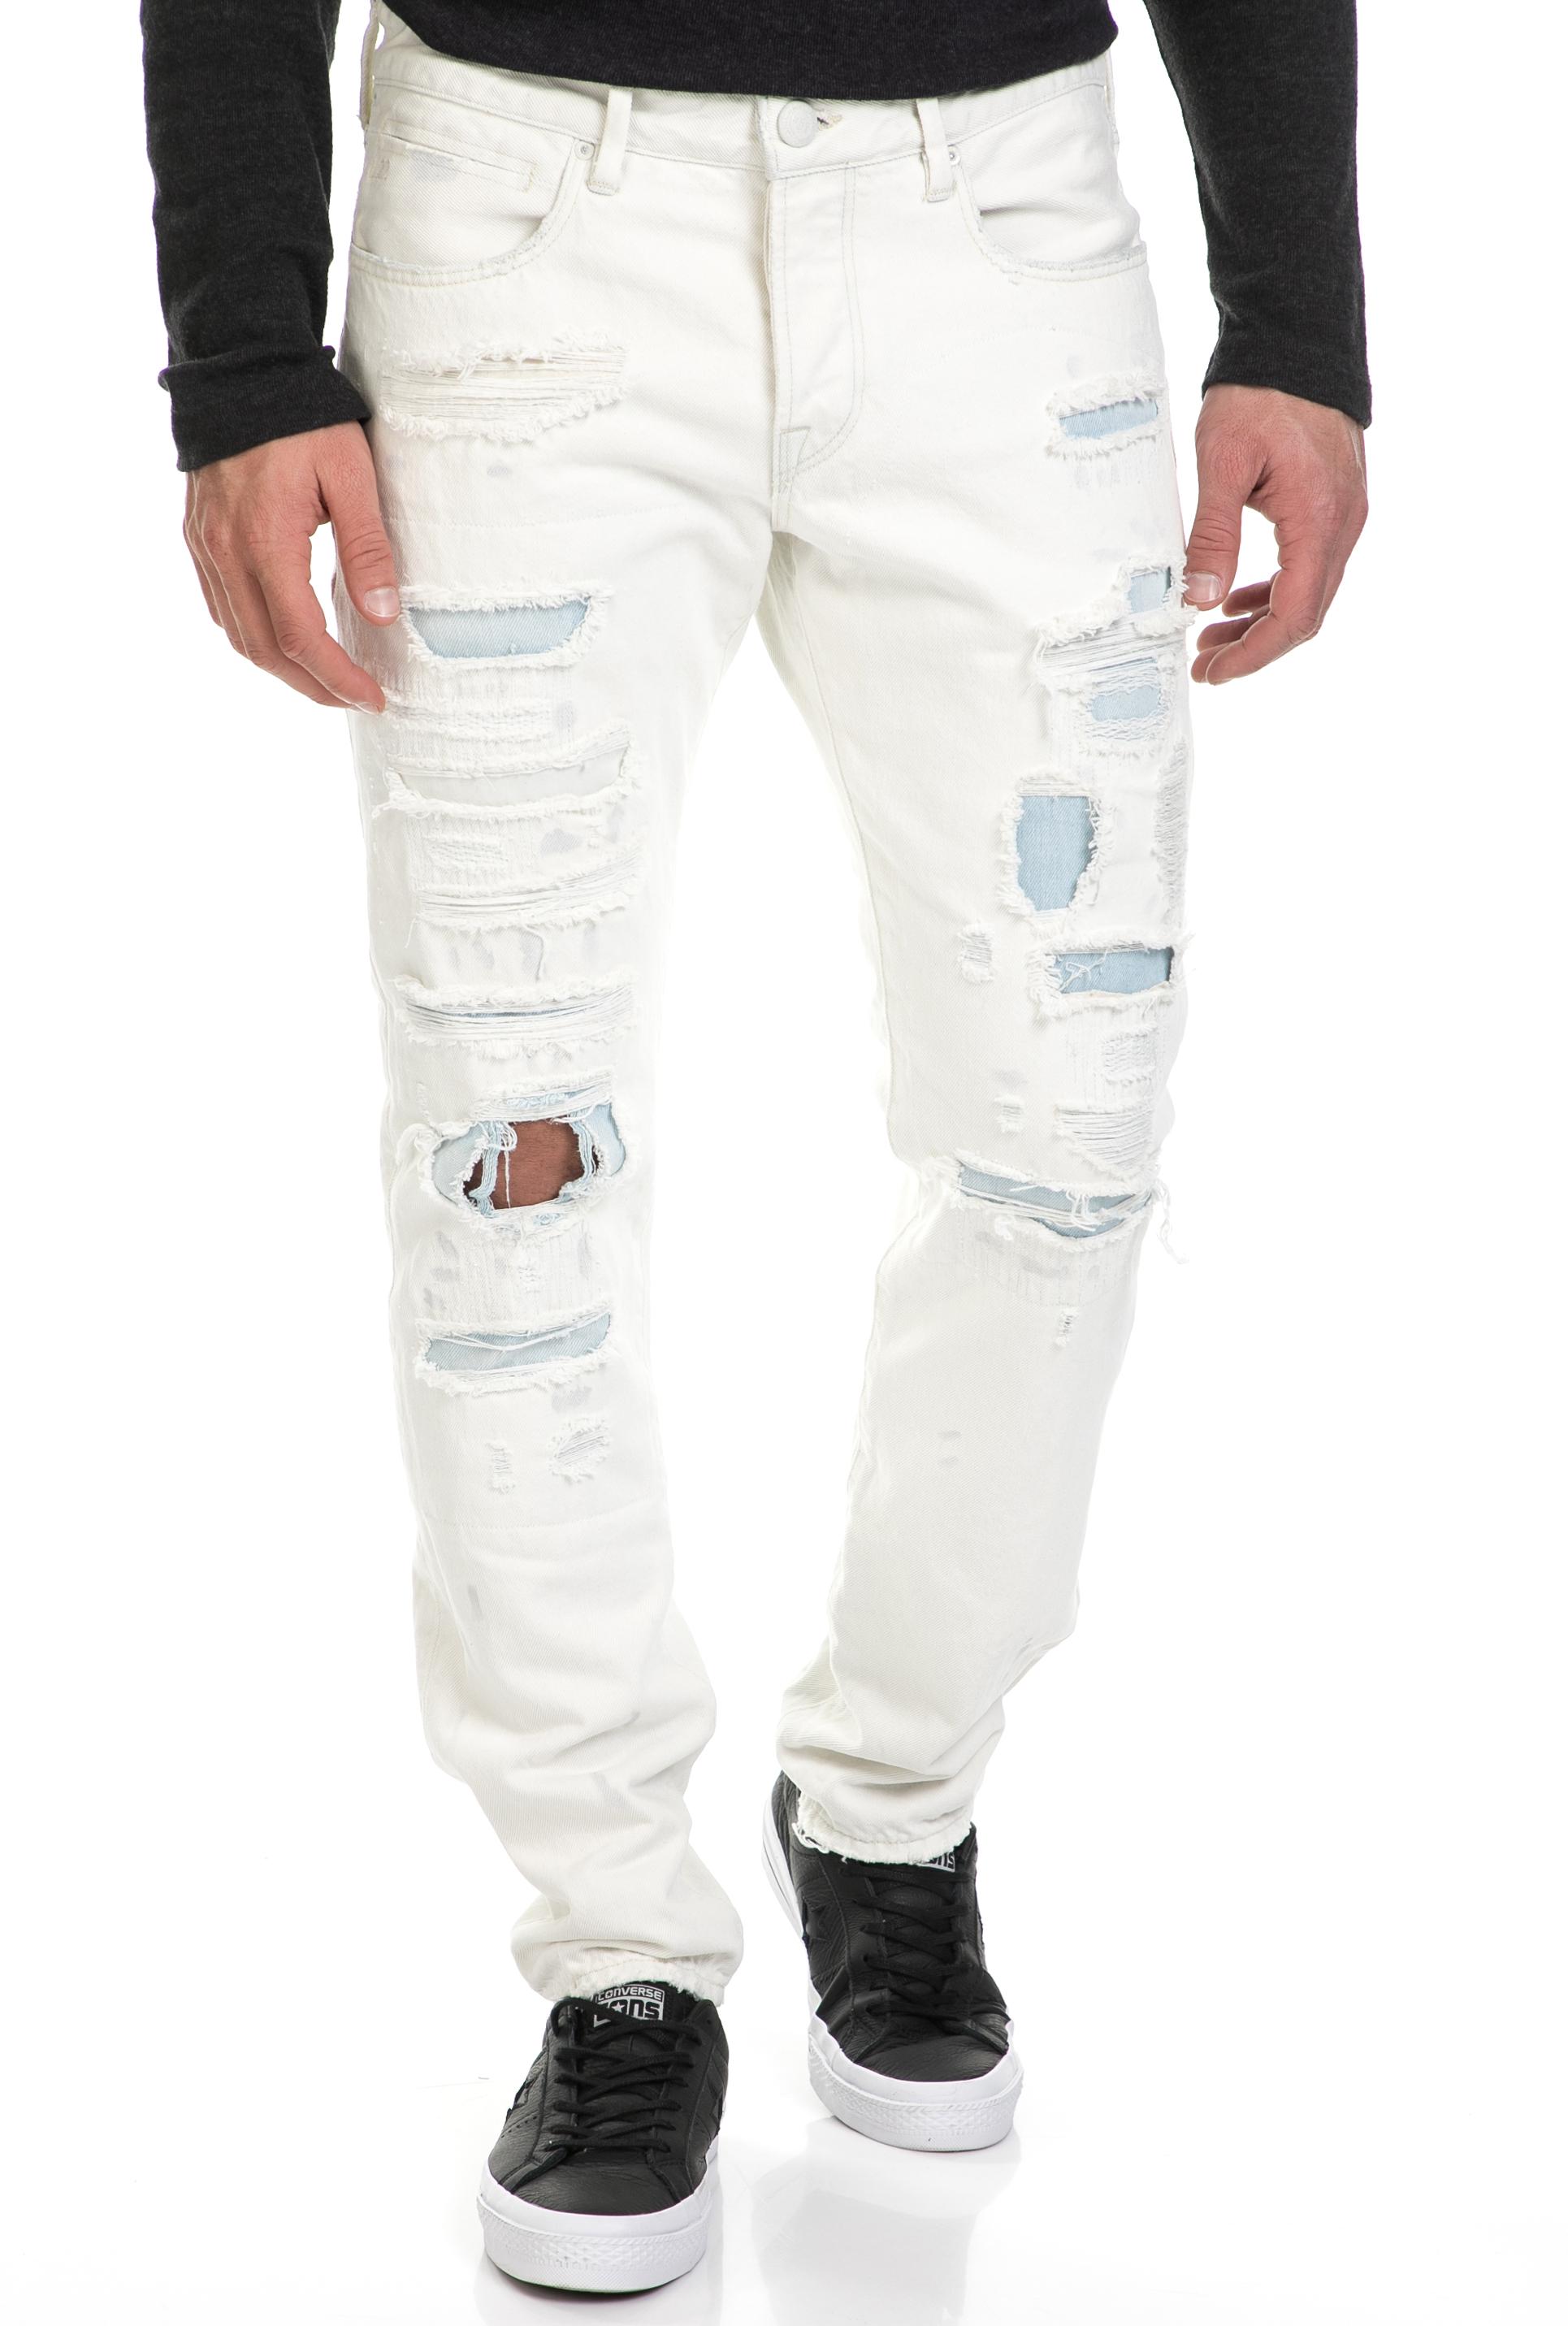 7bcd32e84cd0 SCOTCH   SODA Ανδρικό τζιν παντελόνι SCOTCH   SODA λευκό 6200249 ...